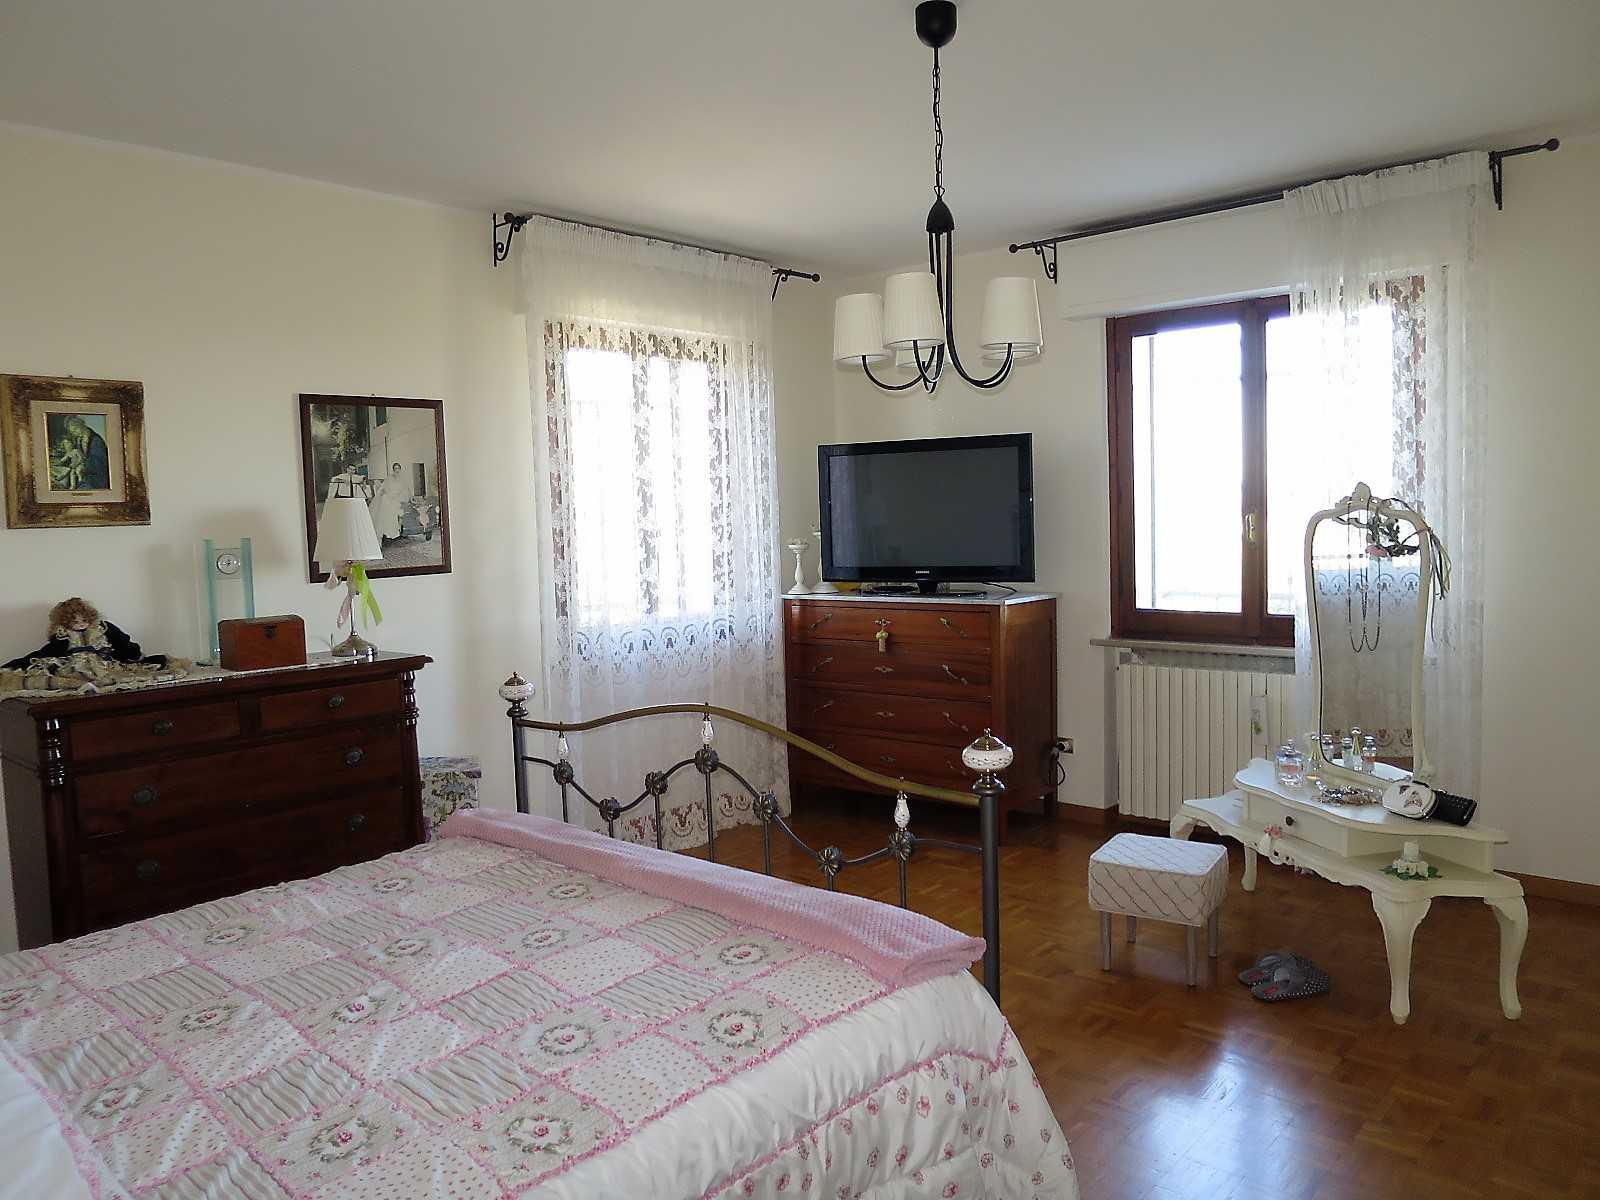 Villa Villa in vendita Notaresco (TE), Villa Vigneto - Notaresco - EUR 382.044 380